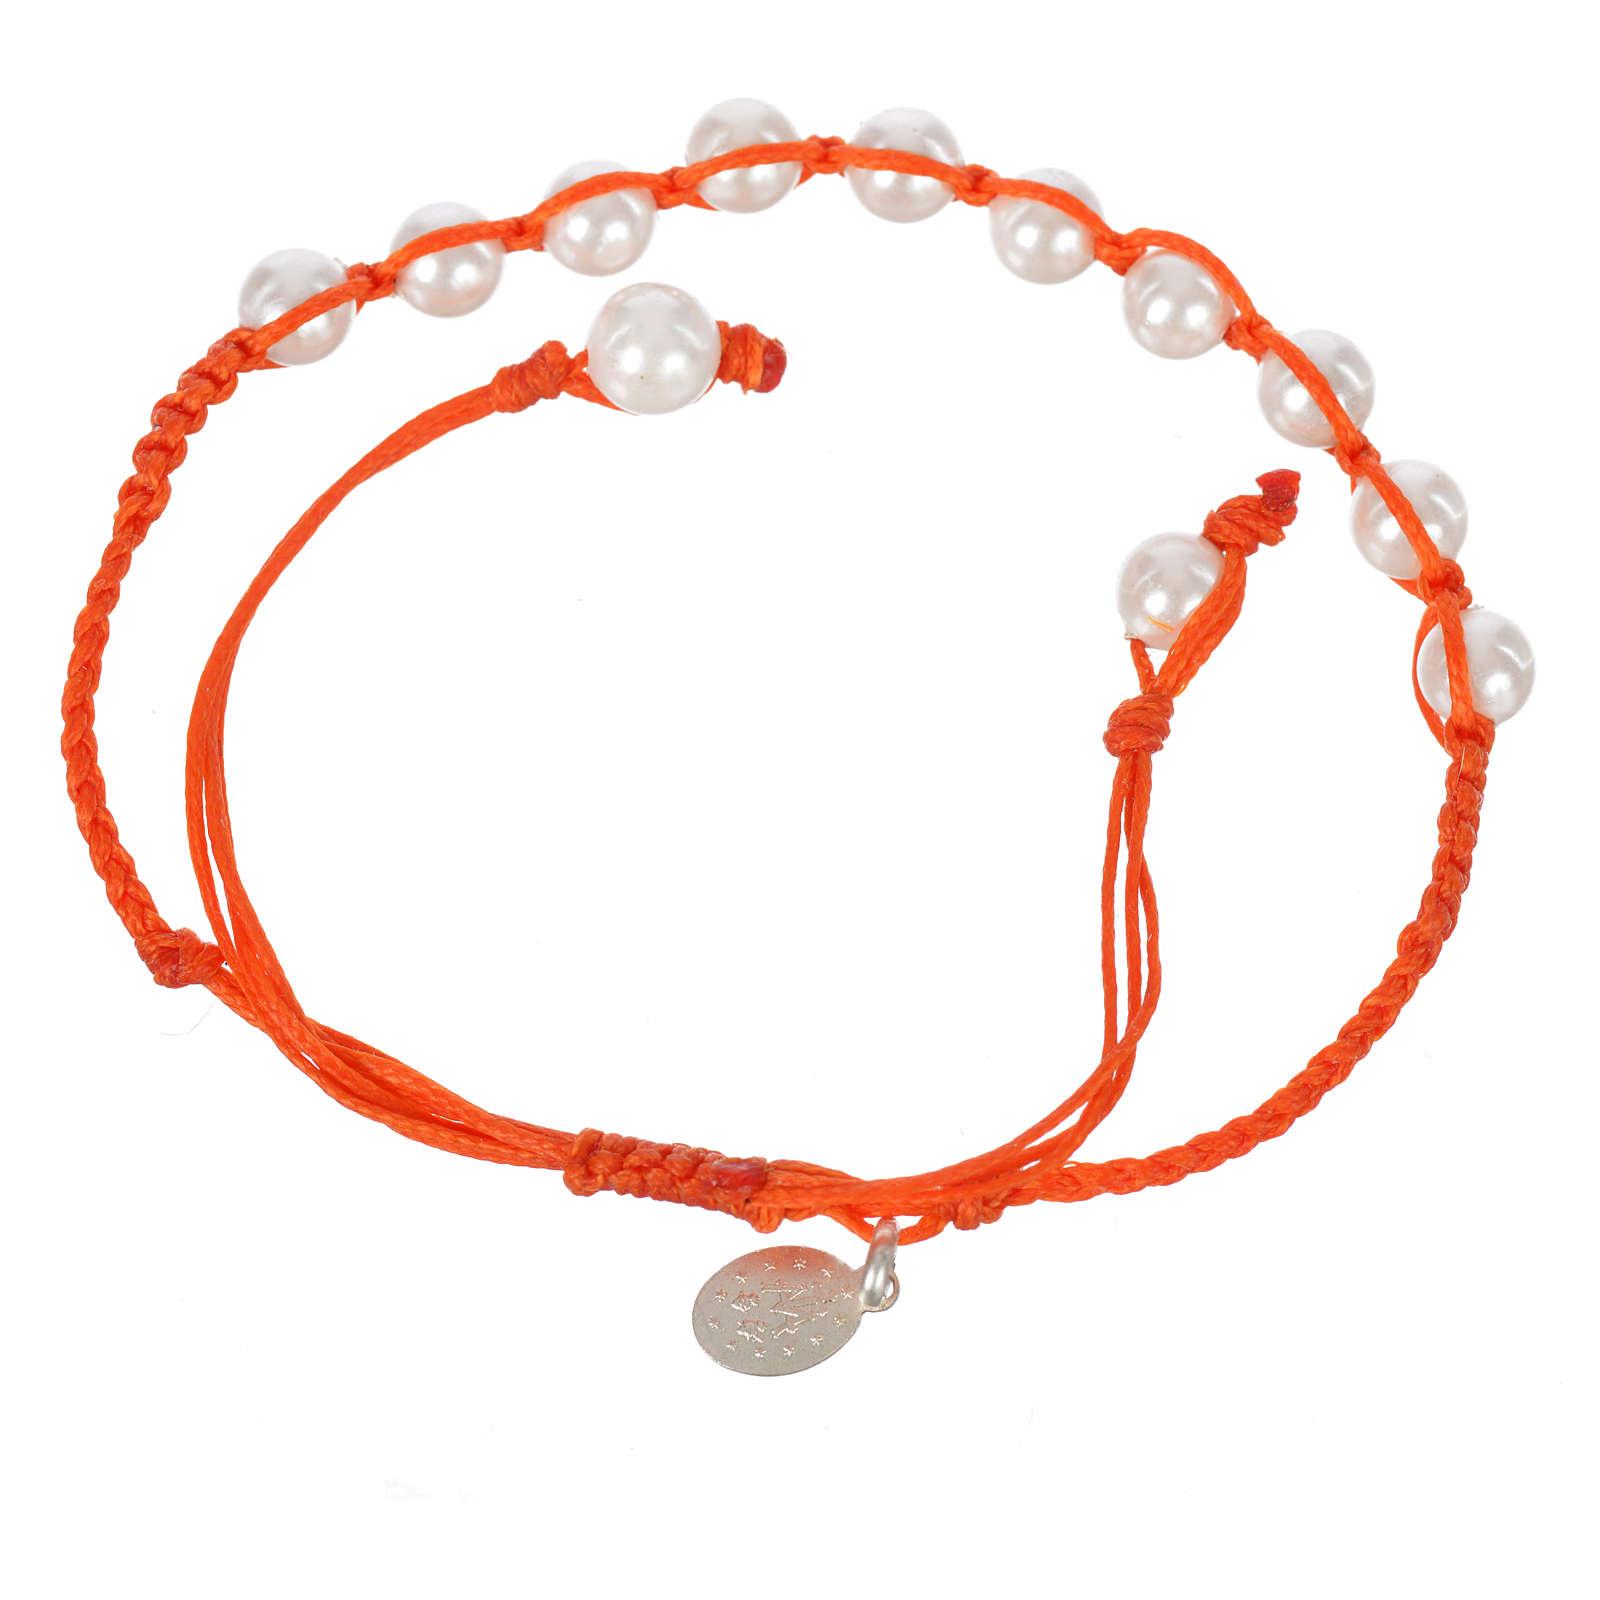 Pulsera perla Banca Medalla Milagrosa Plata 925 cuerda naranja 4